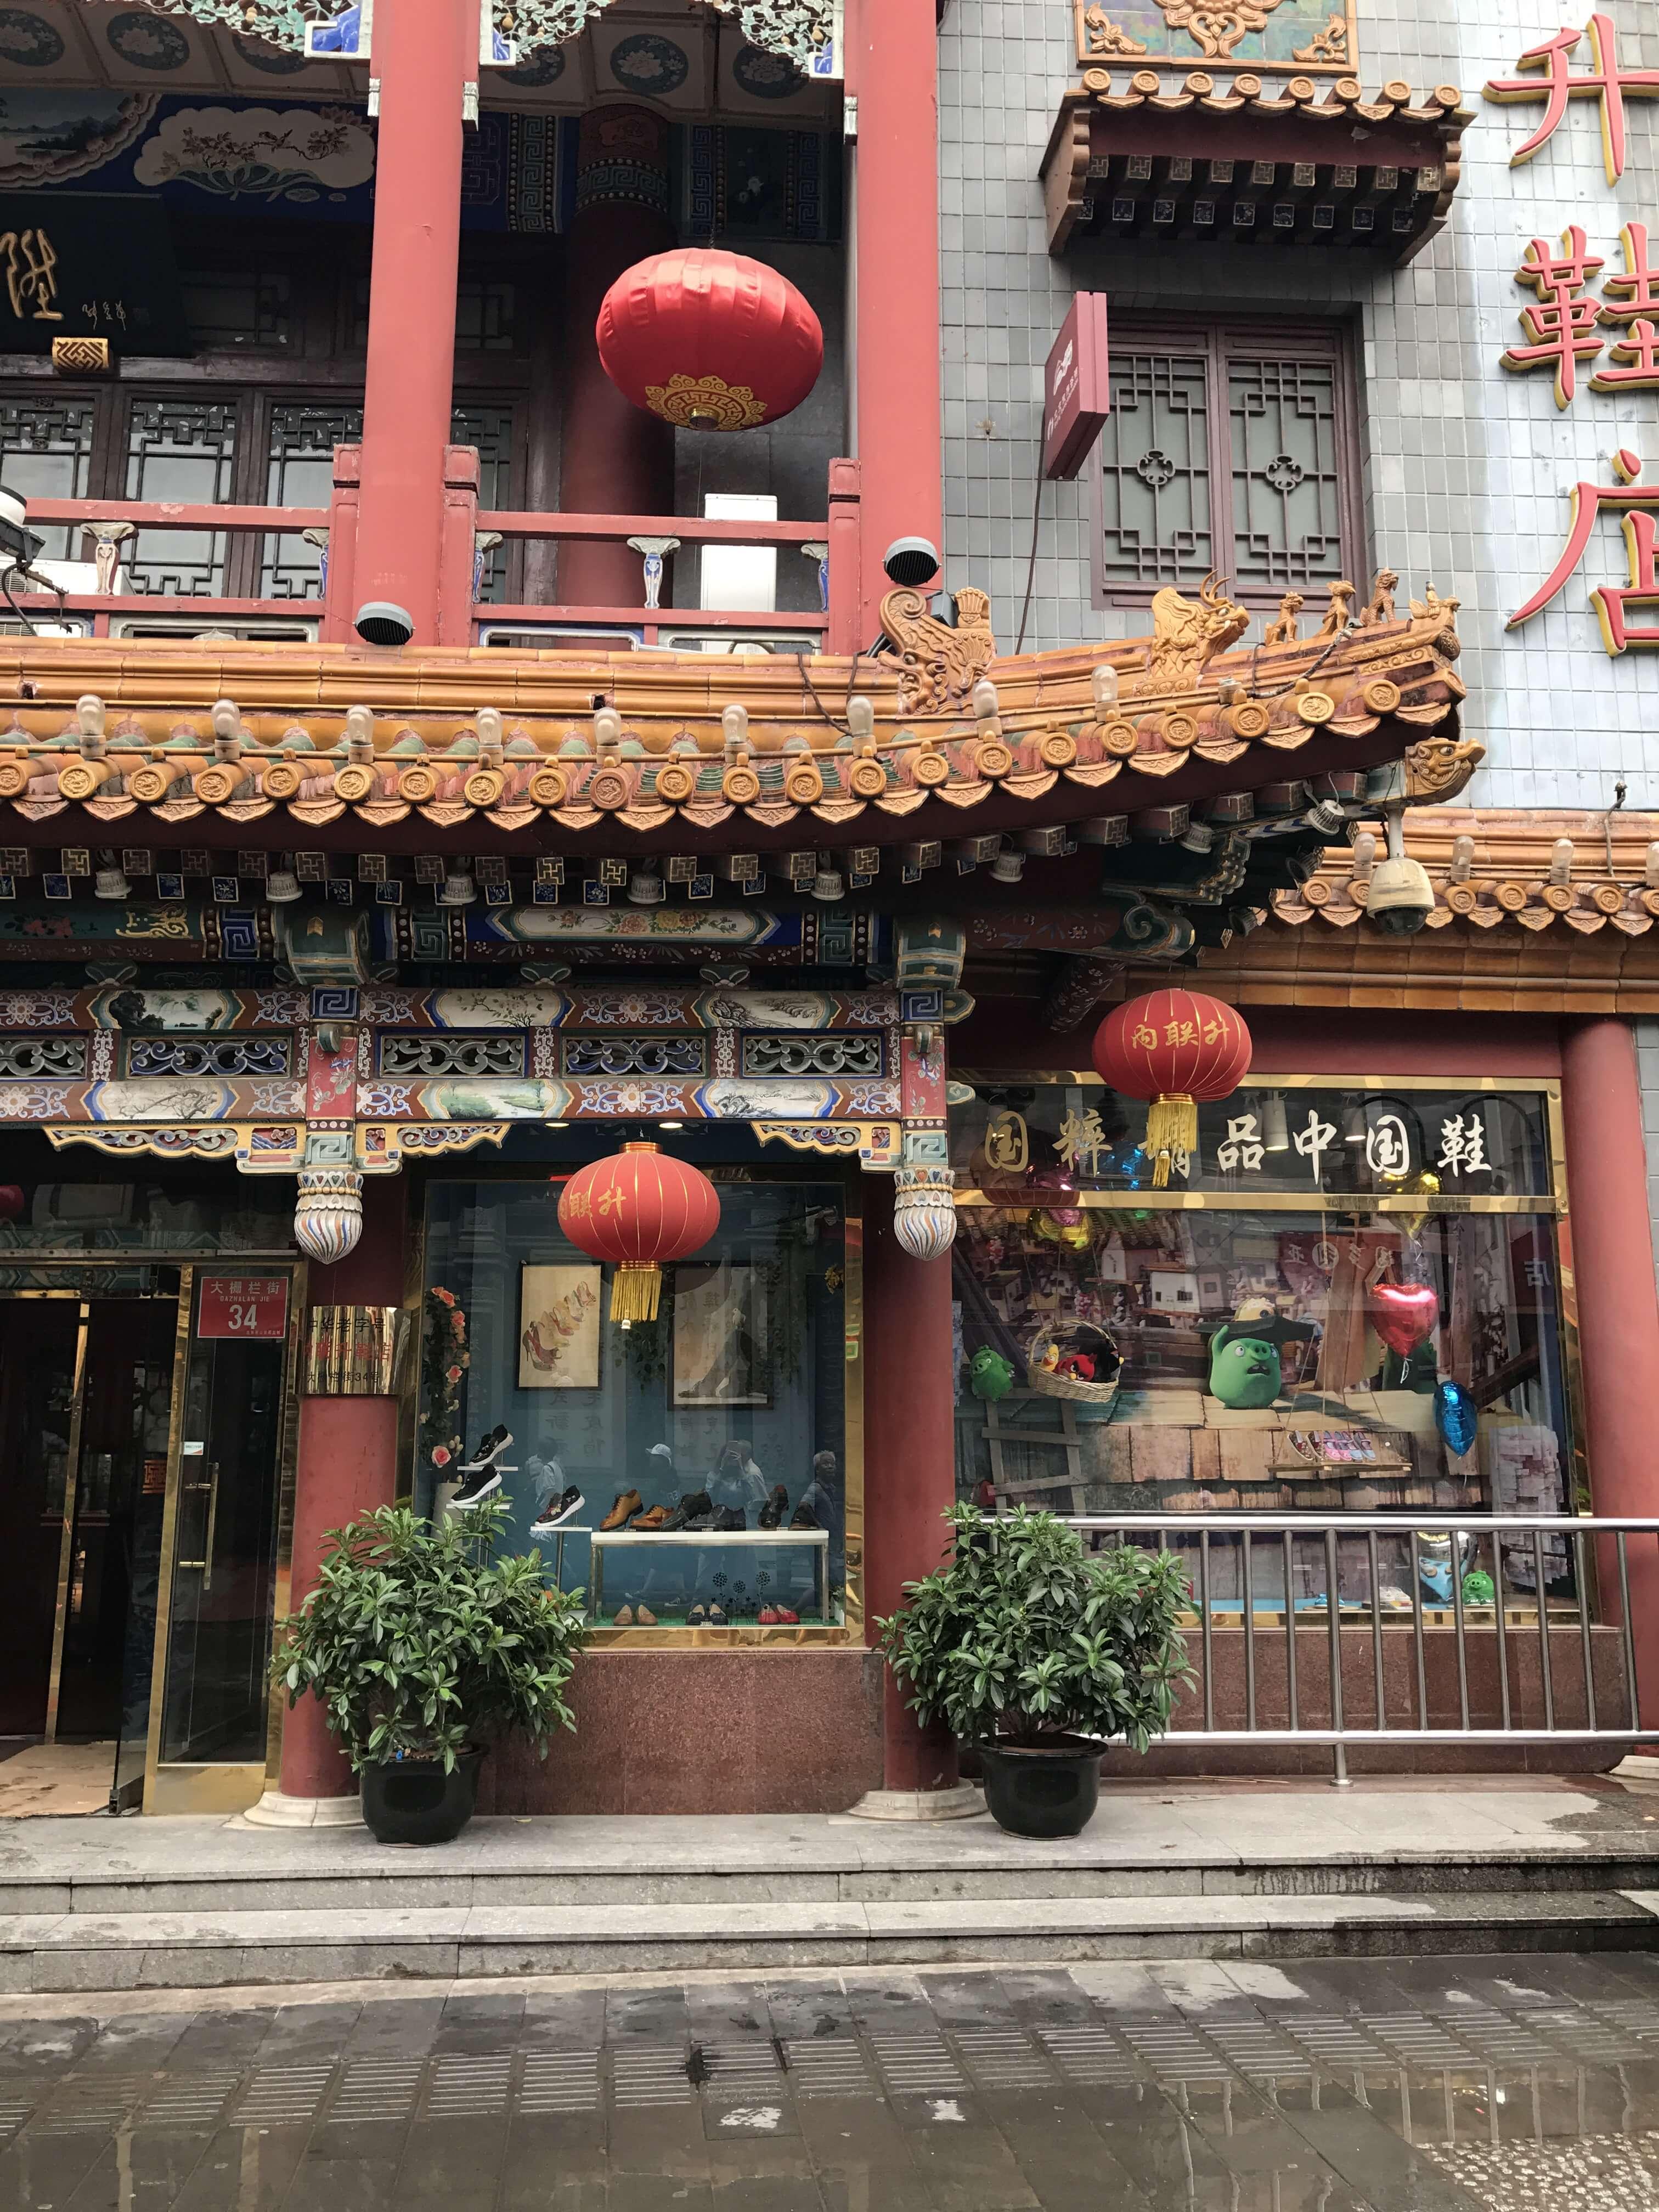 BezViz in China